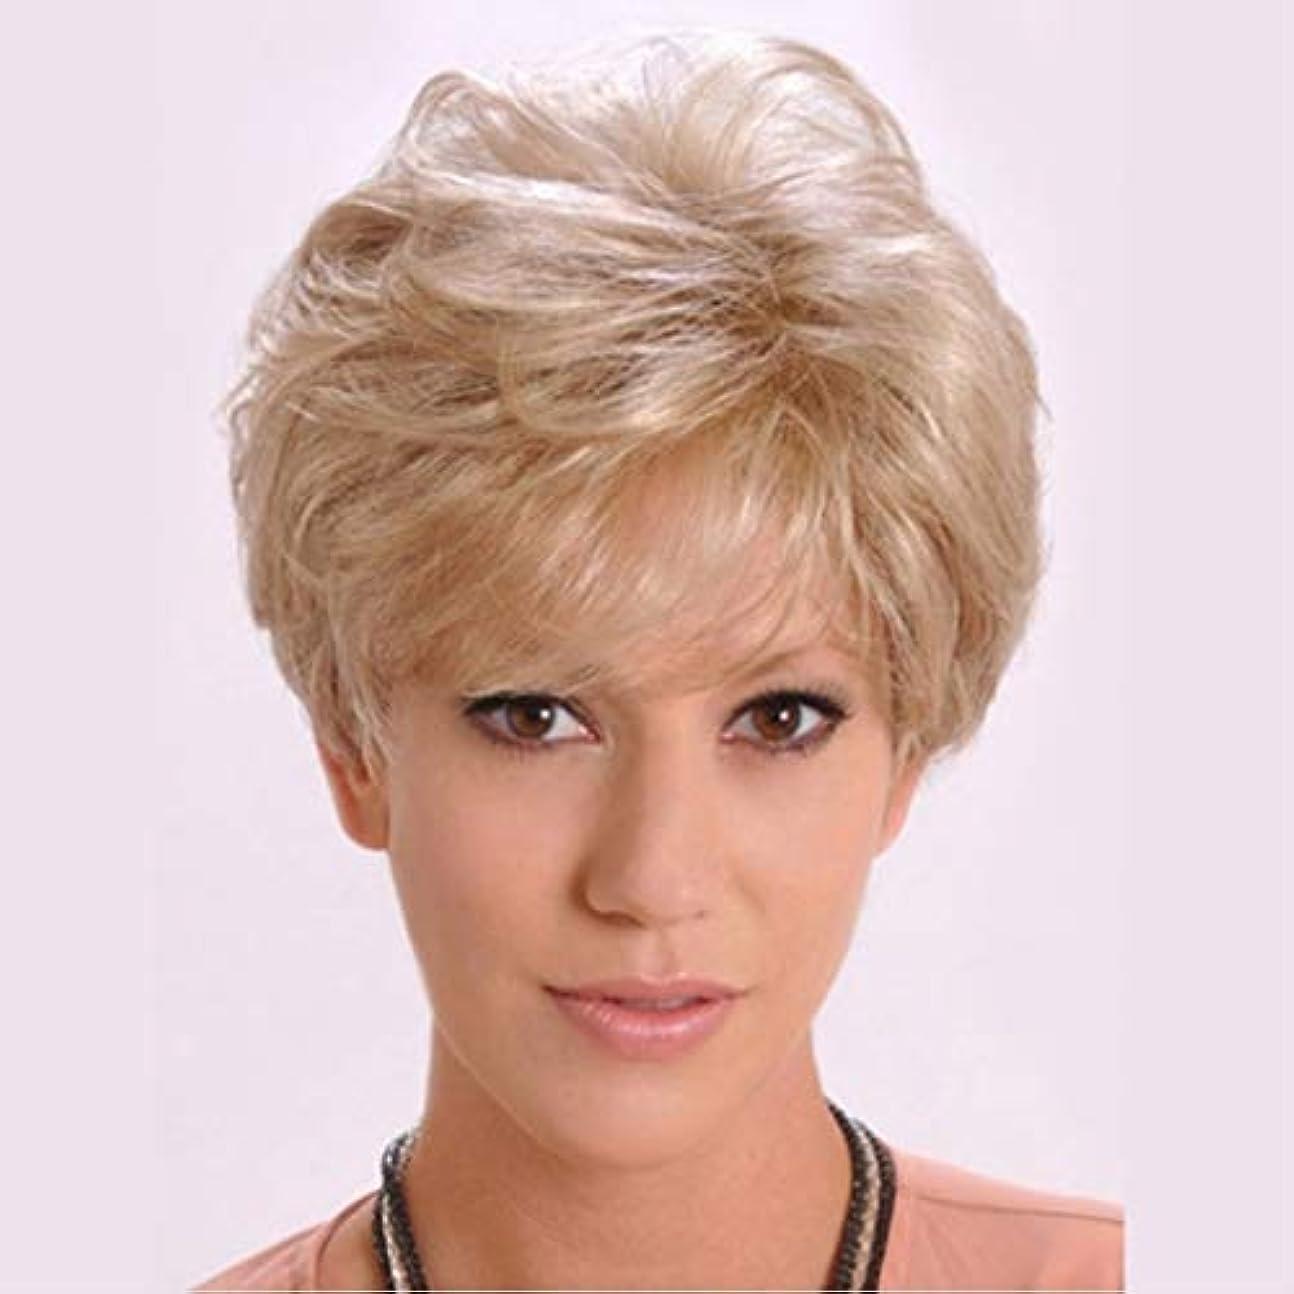 征服者悪名高い芝生Kerwinner 女性のための短い巻き毛のかつら短い髪のふわふわブロンドの巻き毛のかつら (Color : Light brown)